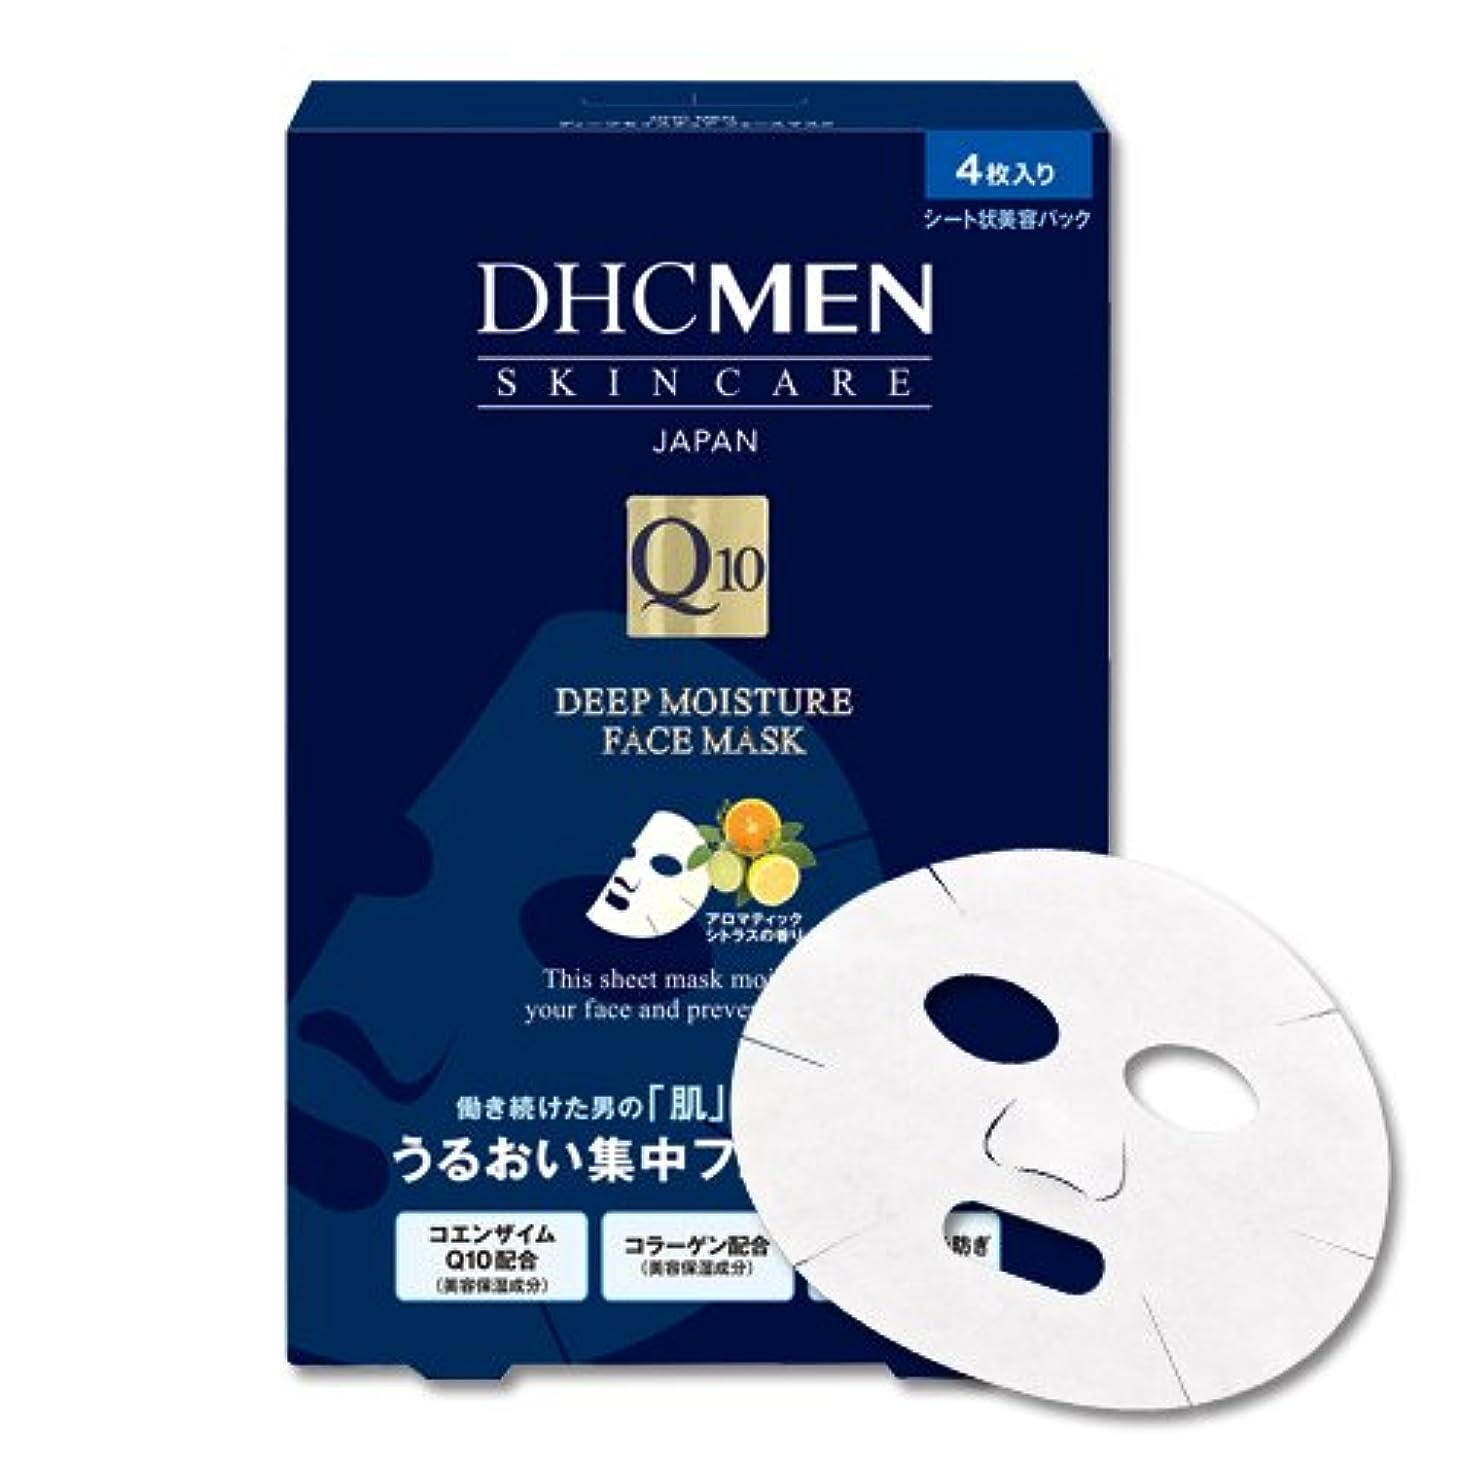 モディッシュペースト不誠実DHC MEN ディープモイスチュア フェースマスク